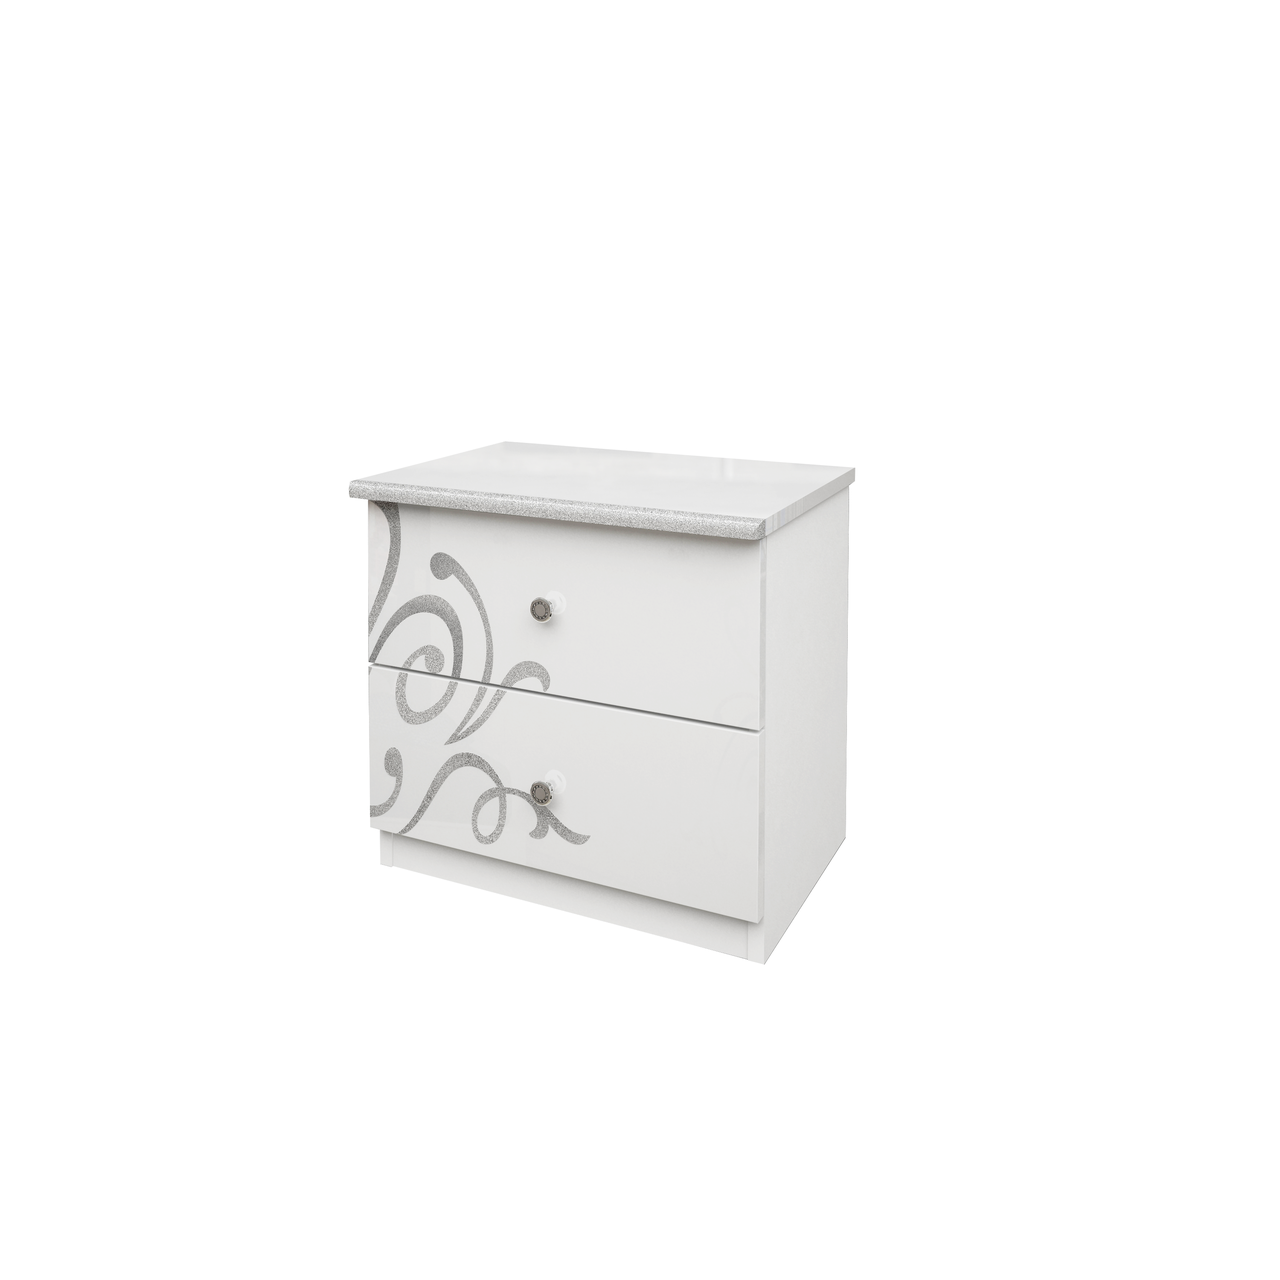 Тумбочка приліжкова з ДСП/МДФ в спальню Богема біла 2Ш Миро-Марк